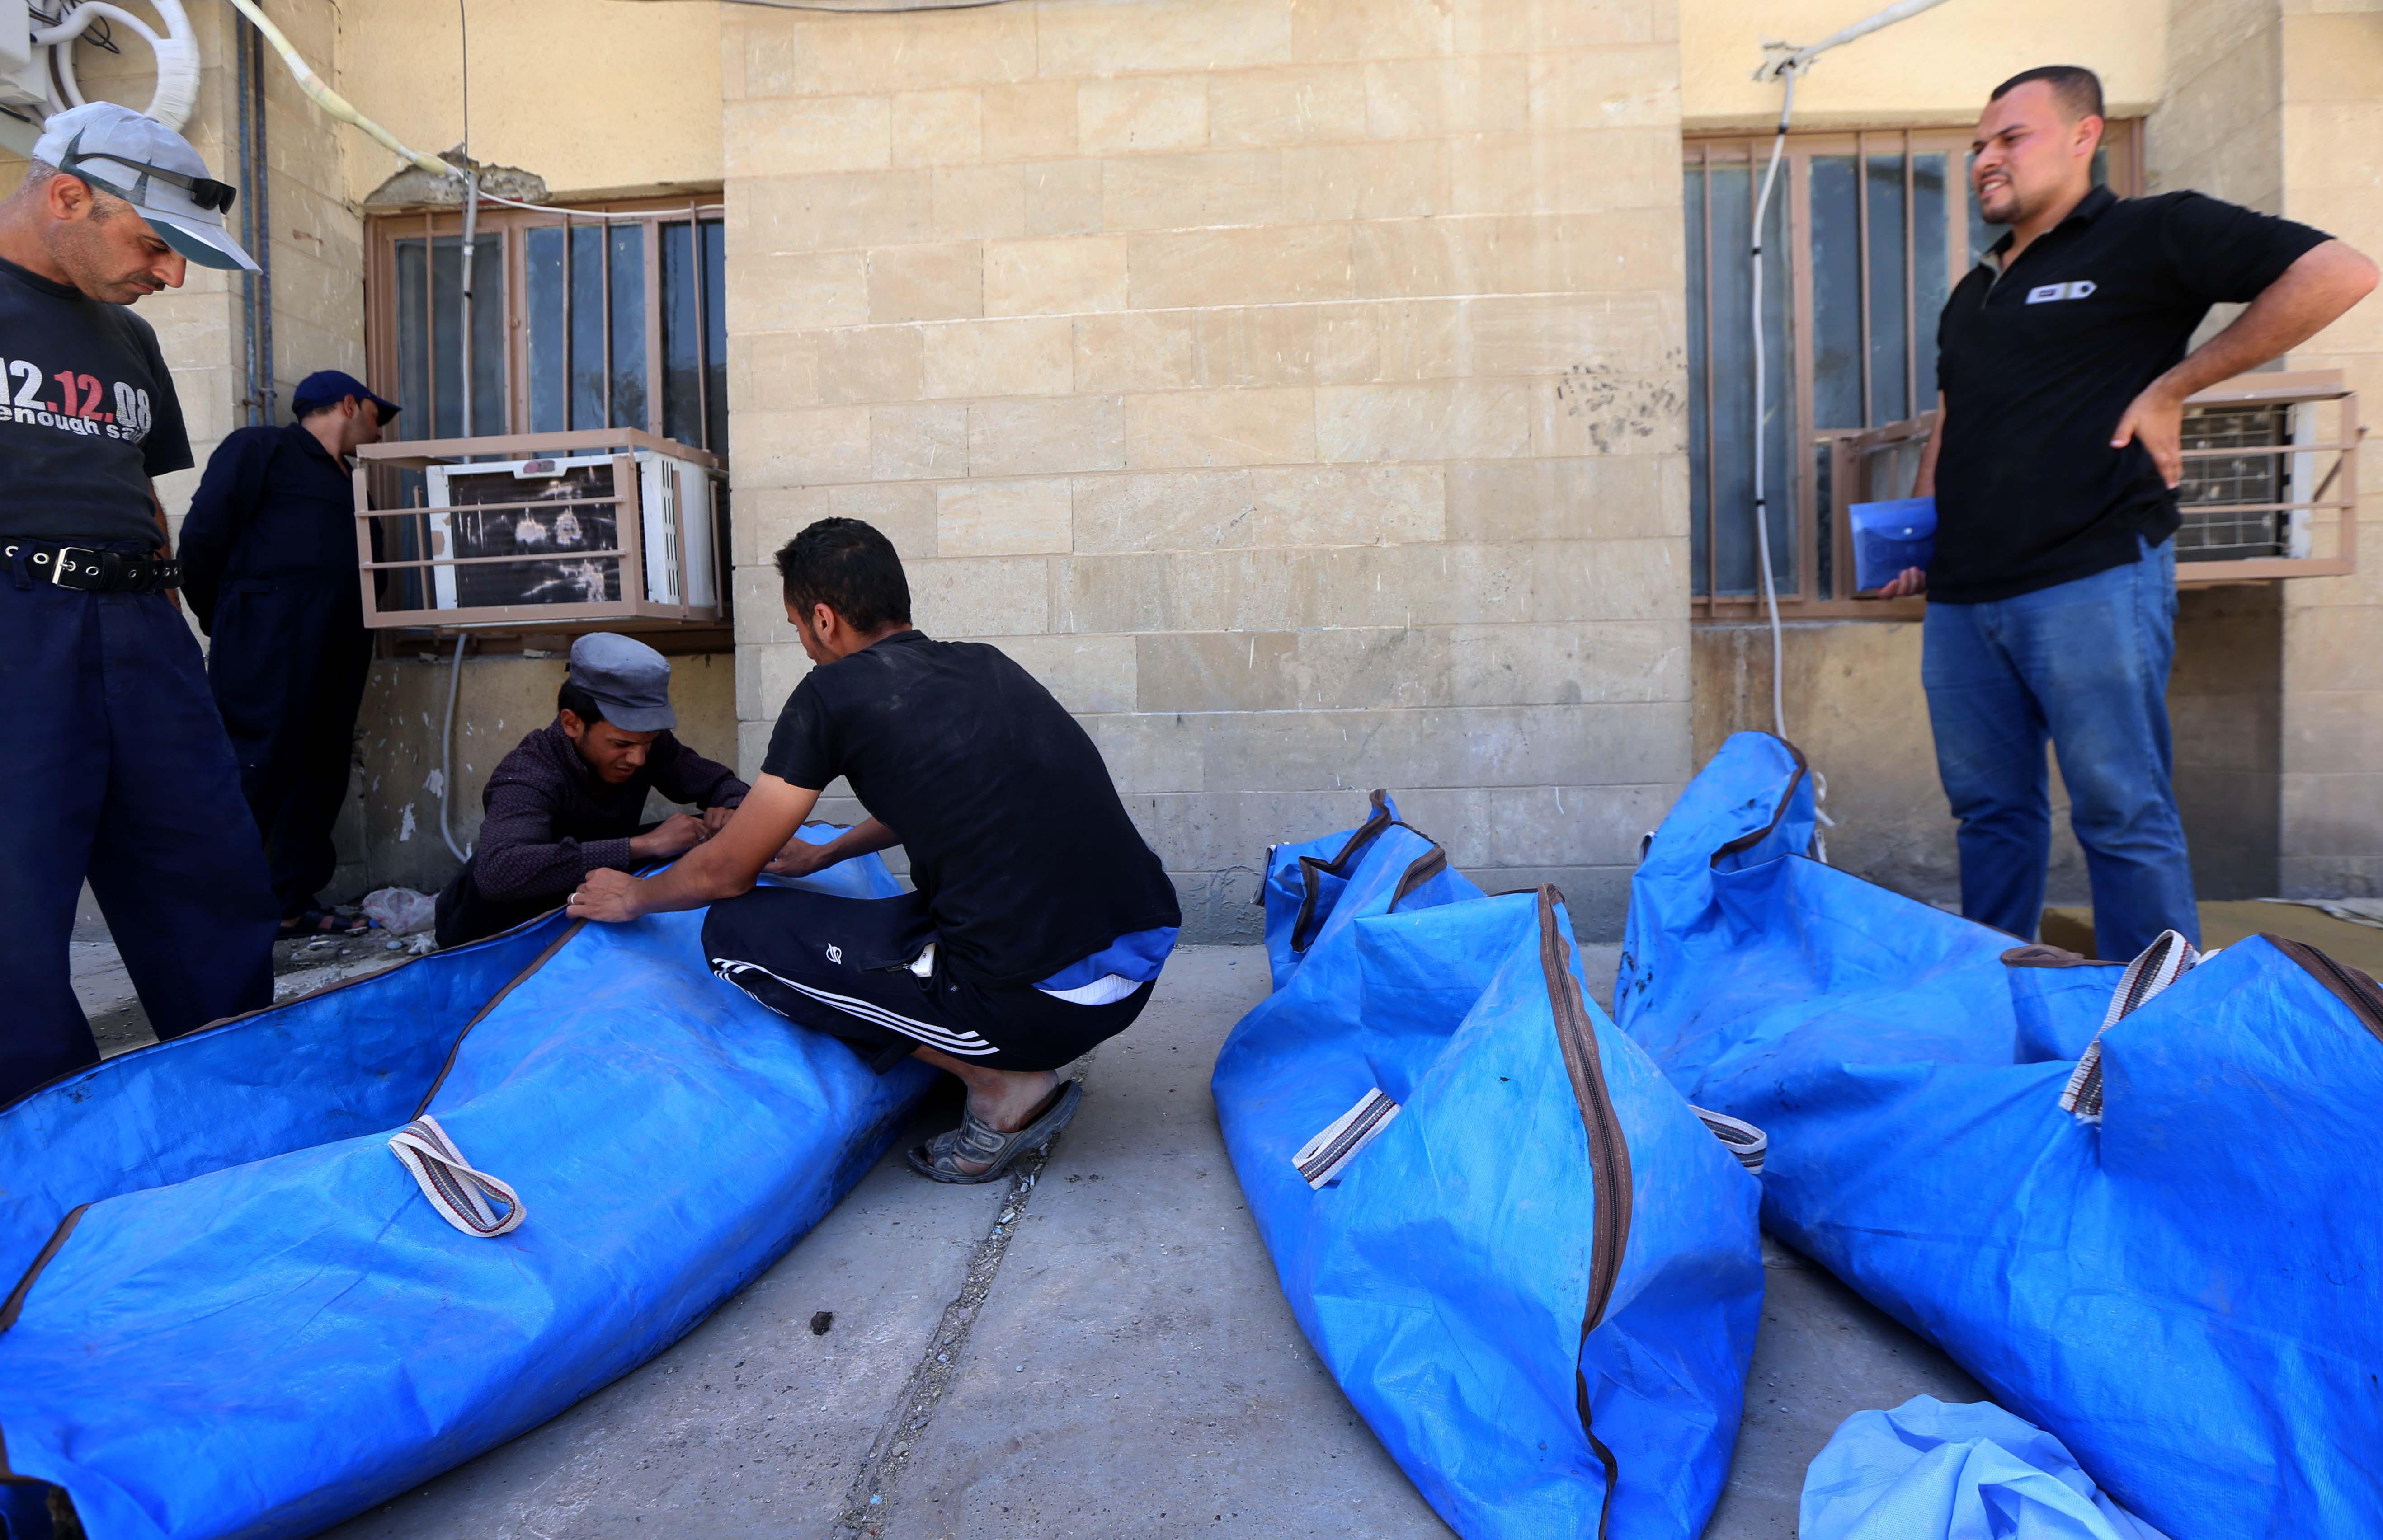 جثث استخرجت من تحت الأنقاض في حي الزنجيلي في الموصل